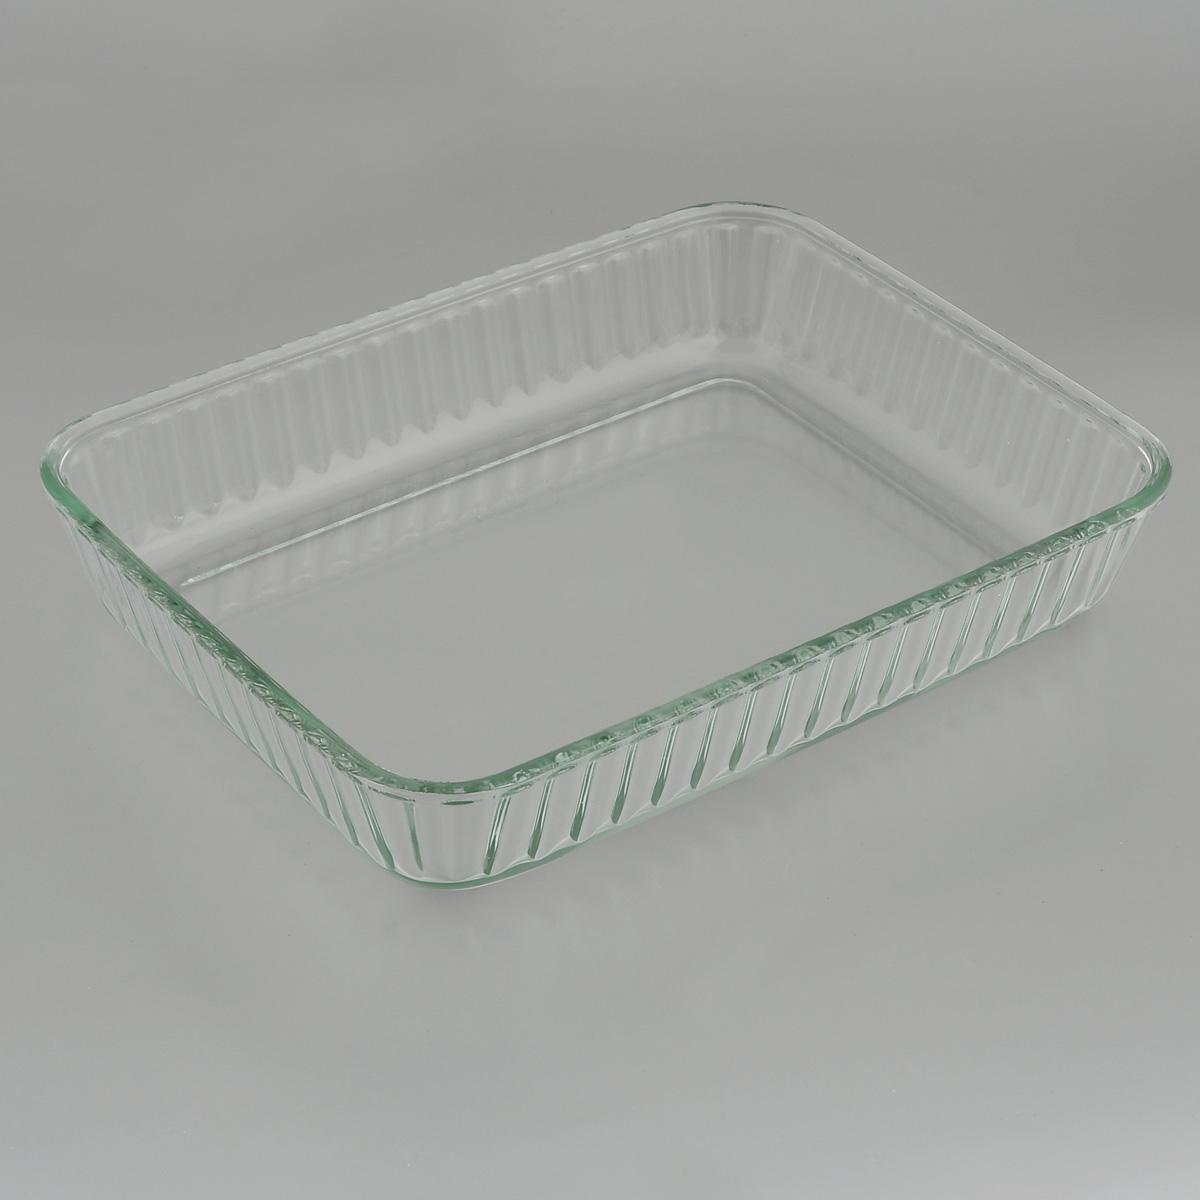 Форма для запекания Mijotex, прямоугольная, 30 х 23 смPL25Прямоугольная форма для запекания Mijotex изготовлена из жаропрочного стекла, которое выдерживает температуру до +450°С. Форма предназначена для приготовления горячих блюд. Материал изделия гигиеничен, прост в уходе и обладает высокой степенью прочности. Форма идеально подходит для использования в духовках, микроволновых печах, холодильниках и морозильных камерах. Также ее можно использовать на газовых плитах (на слабом огне) и на электроплитах. Можно мыть в посудомоечной машине. Размер формы (по верхнему краю): 30 см х 23 см. Высота стенки формы: 6 см.